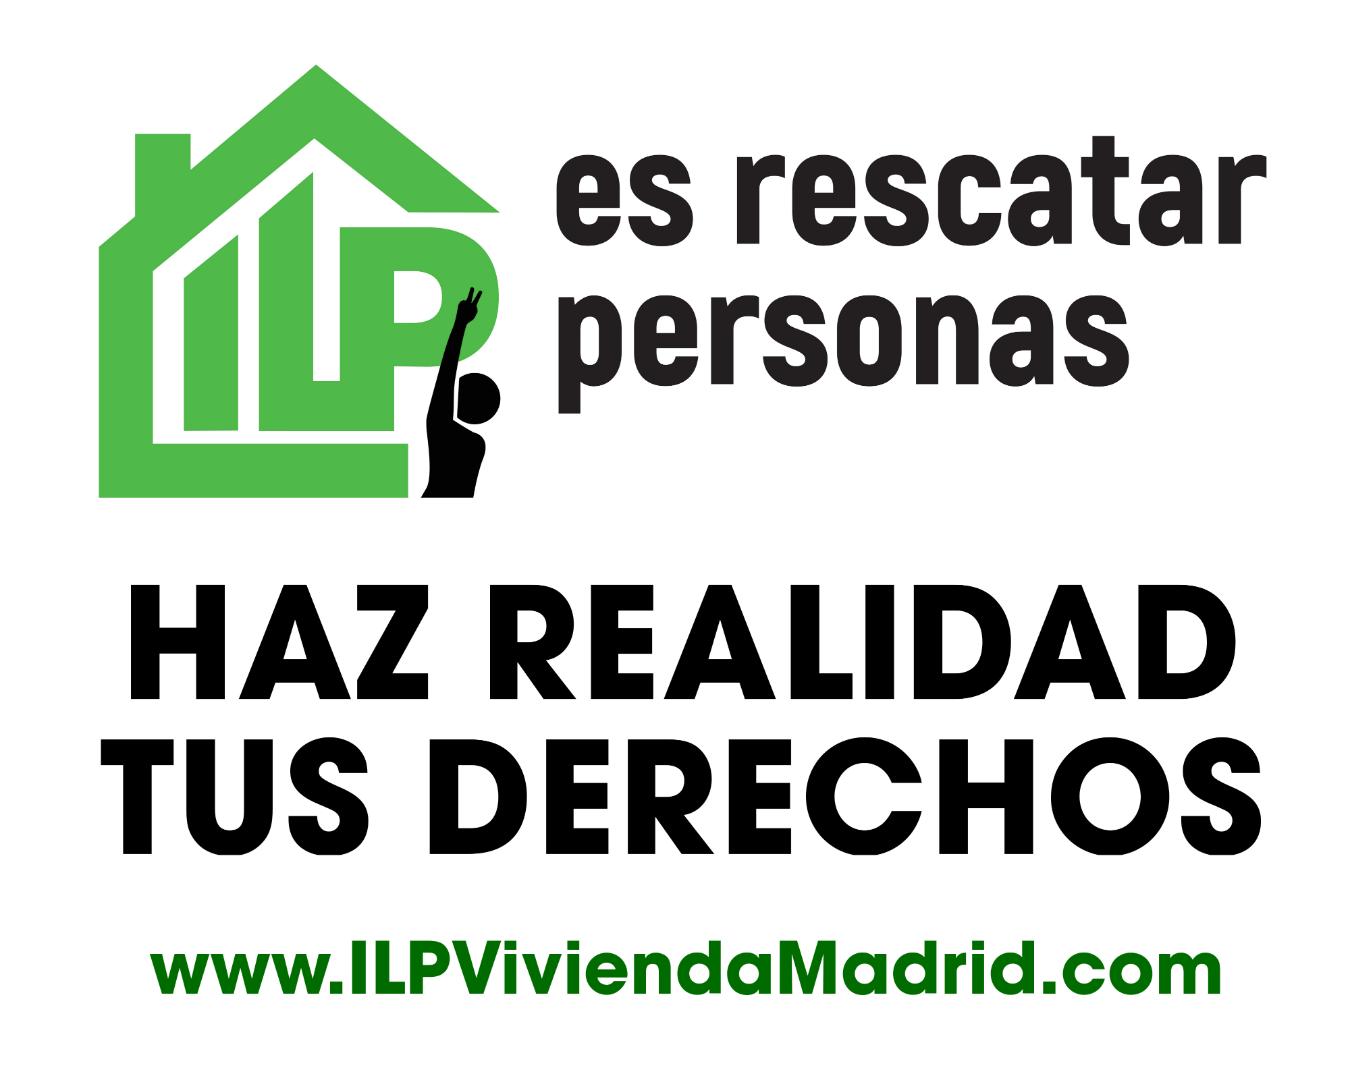 11-M, Km 0: arranca la recogida de firmas por una ley que garantice el derecho a la vivienda